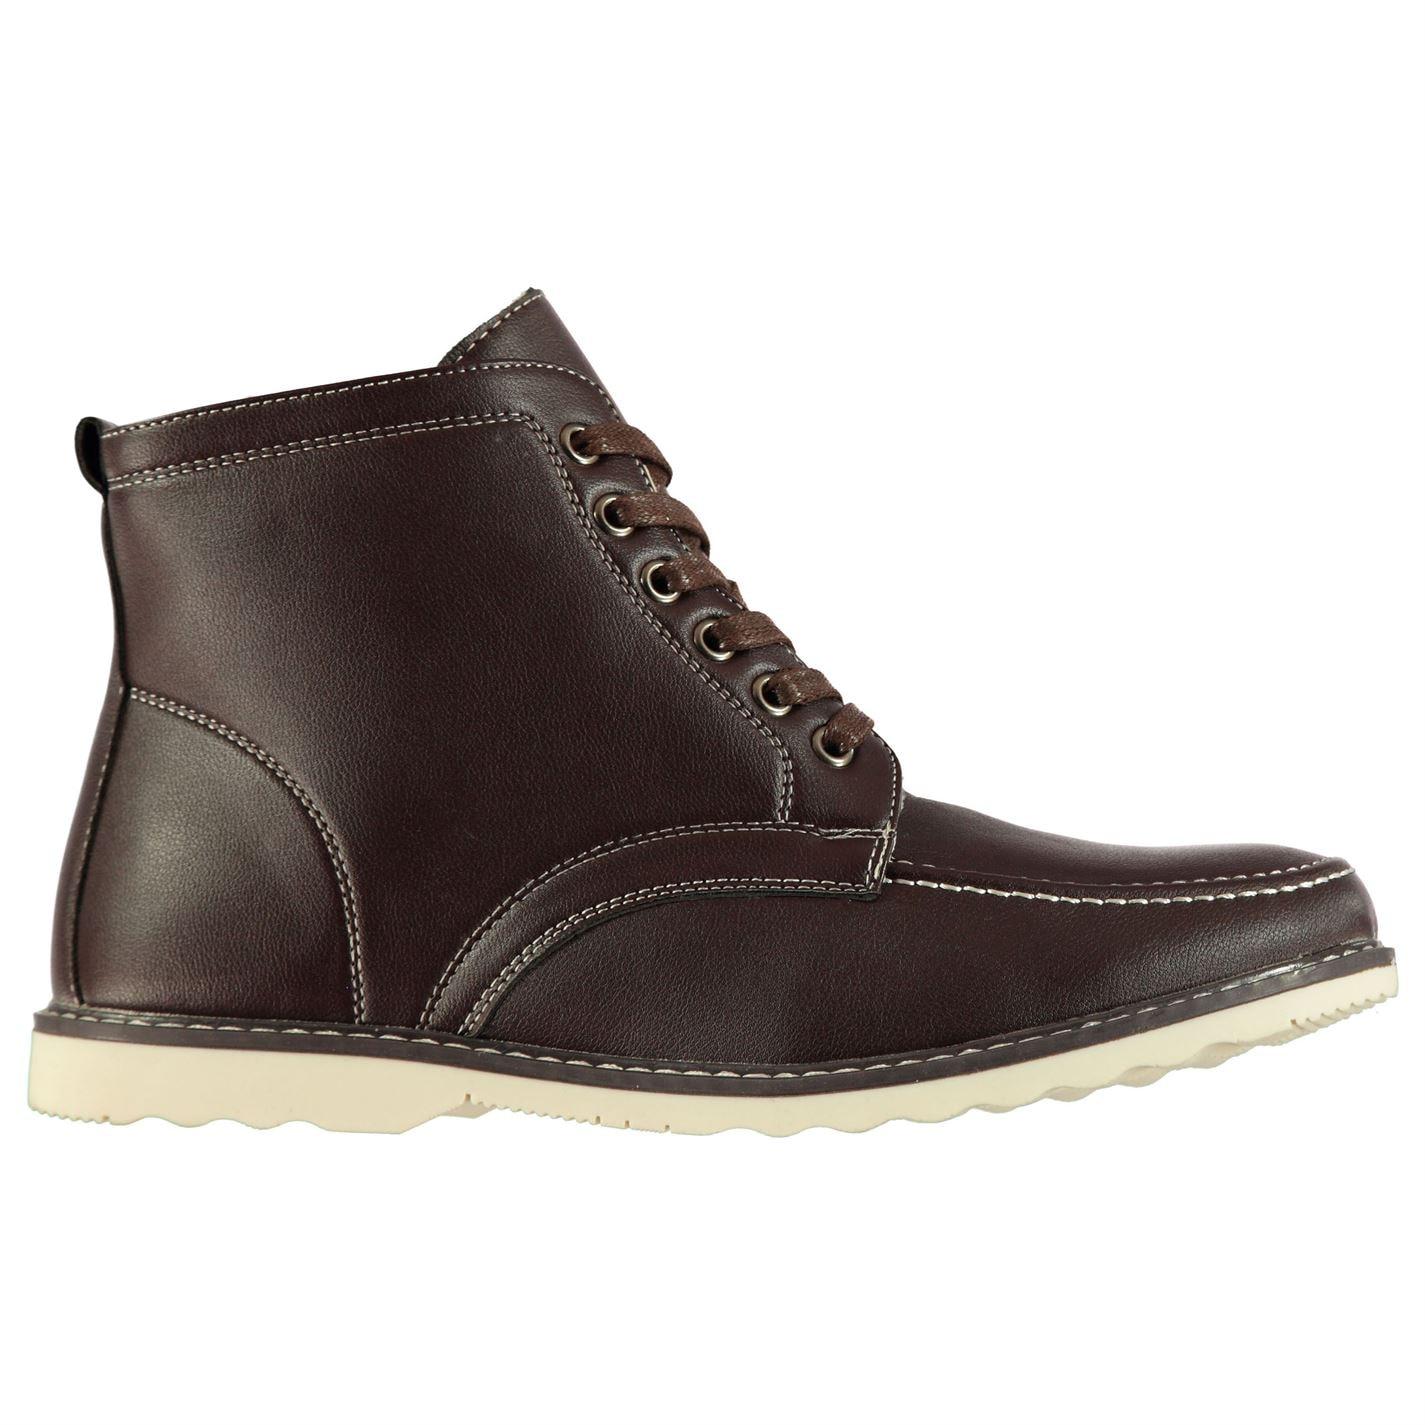 Lee Cooper Rex Pánská obuv 11440105 SD_7 (41)